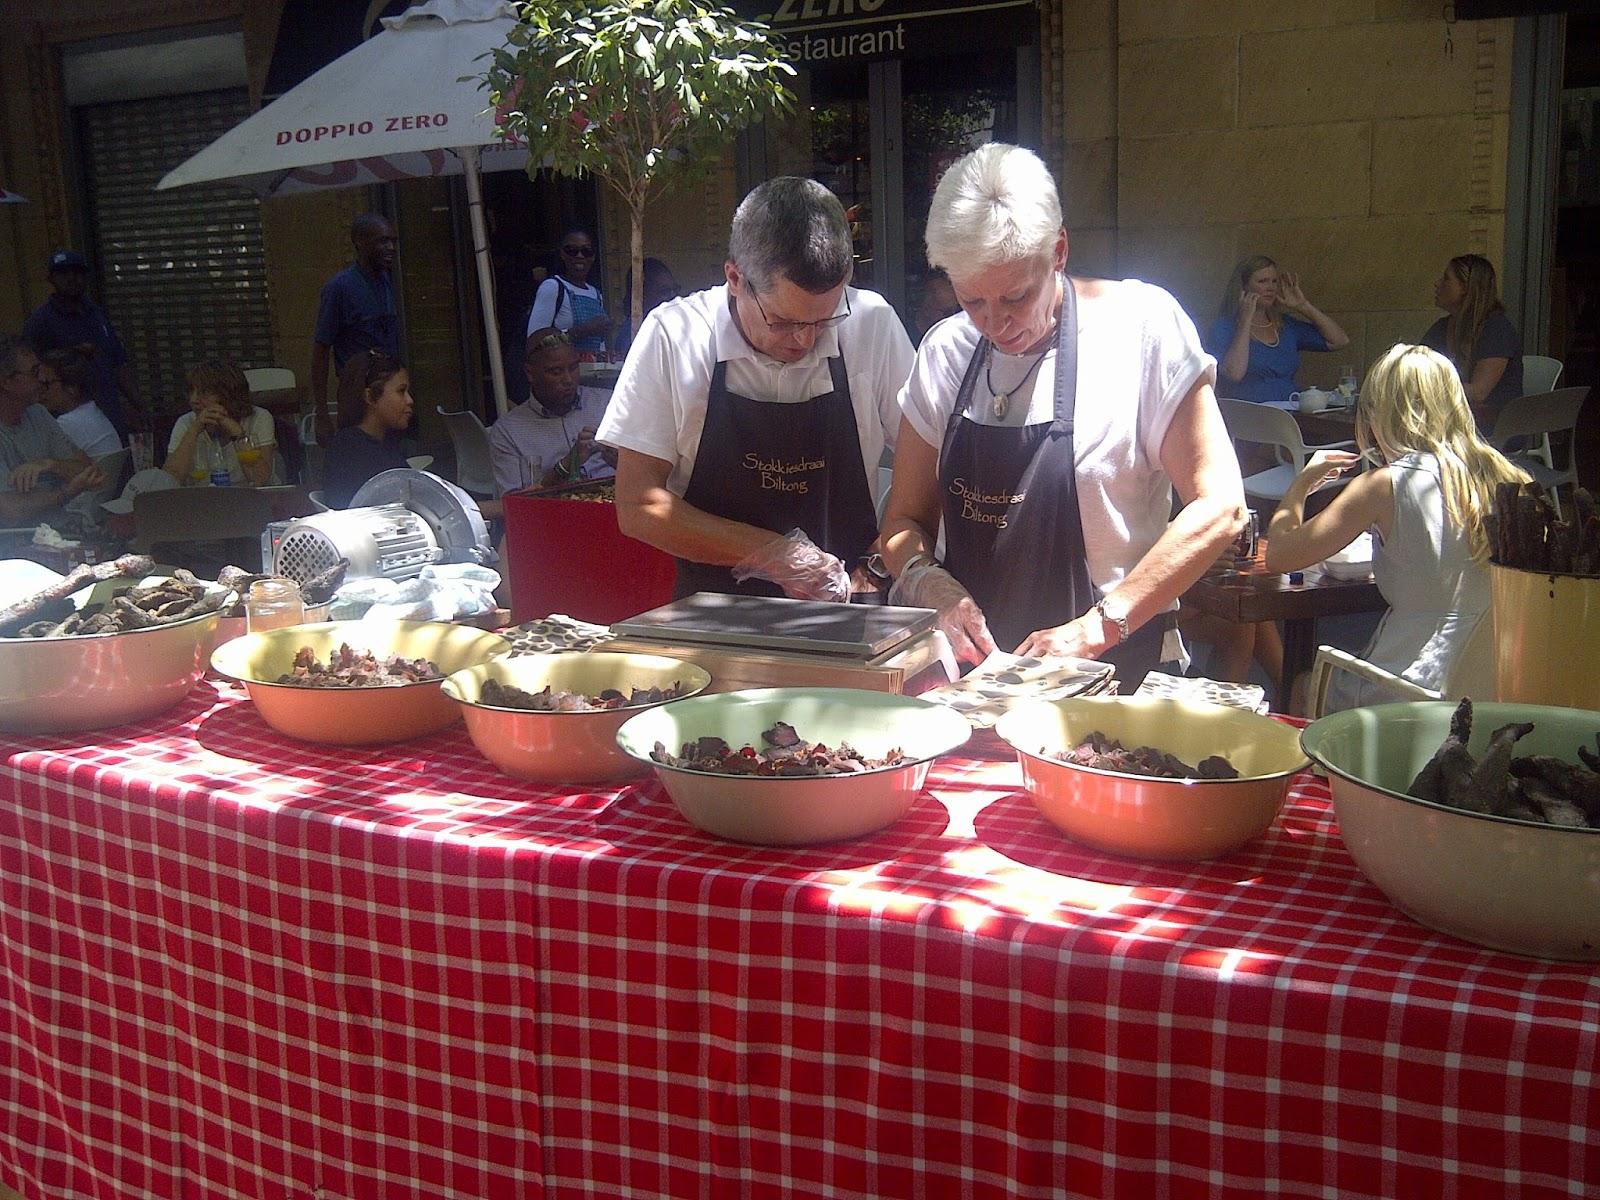 Earth Fair Food Market